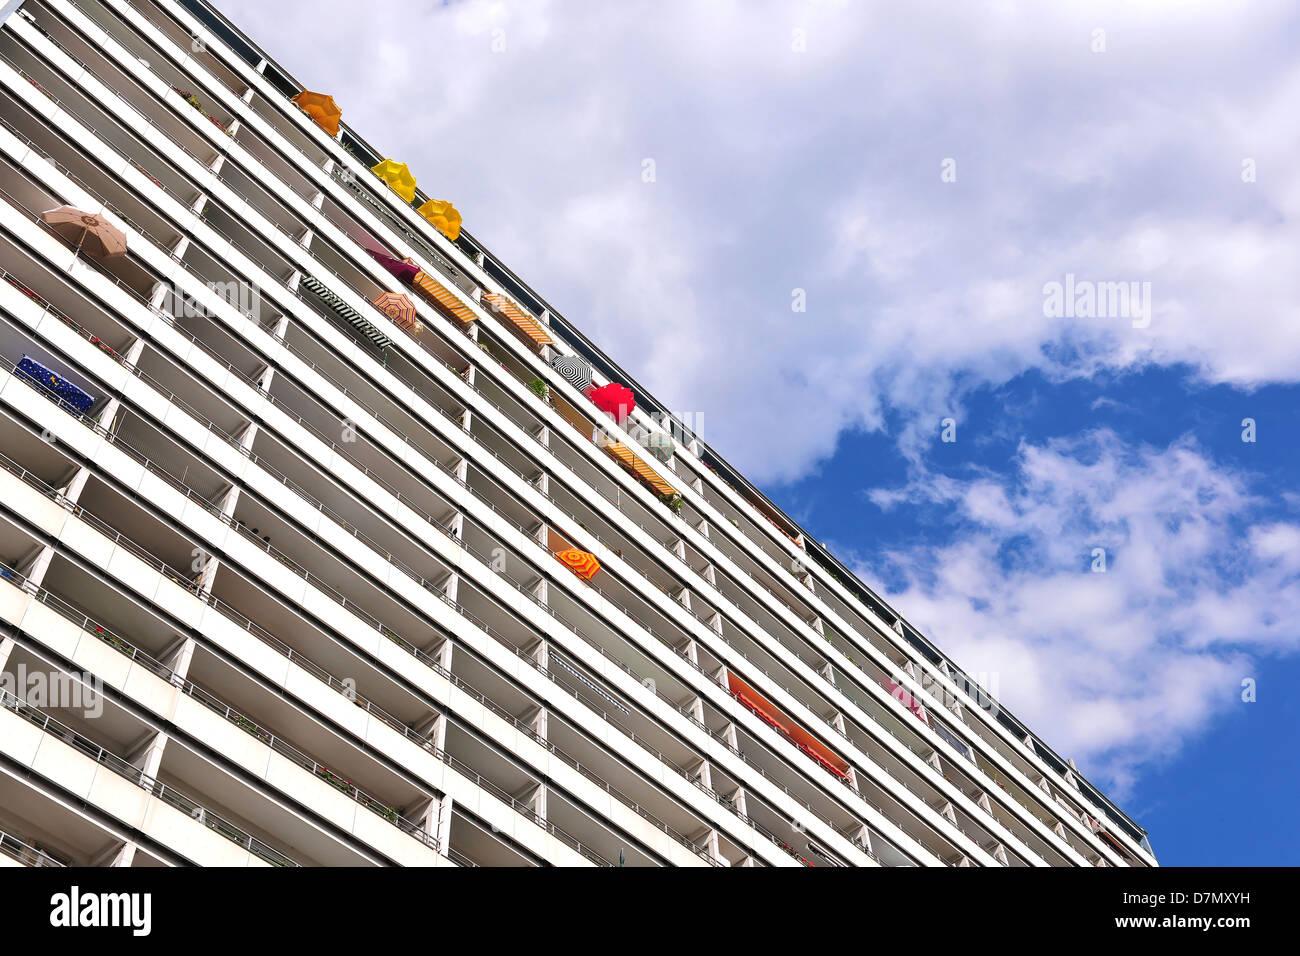 Sommer in der Stadt - Fassade des Hauses mit Sonnenschirmen, Berlin Stockbild